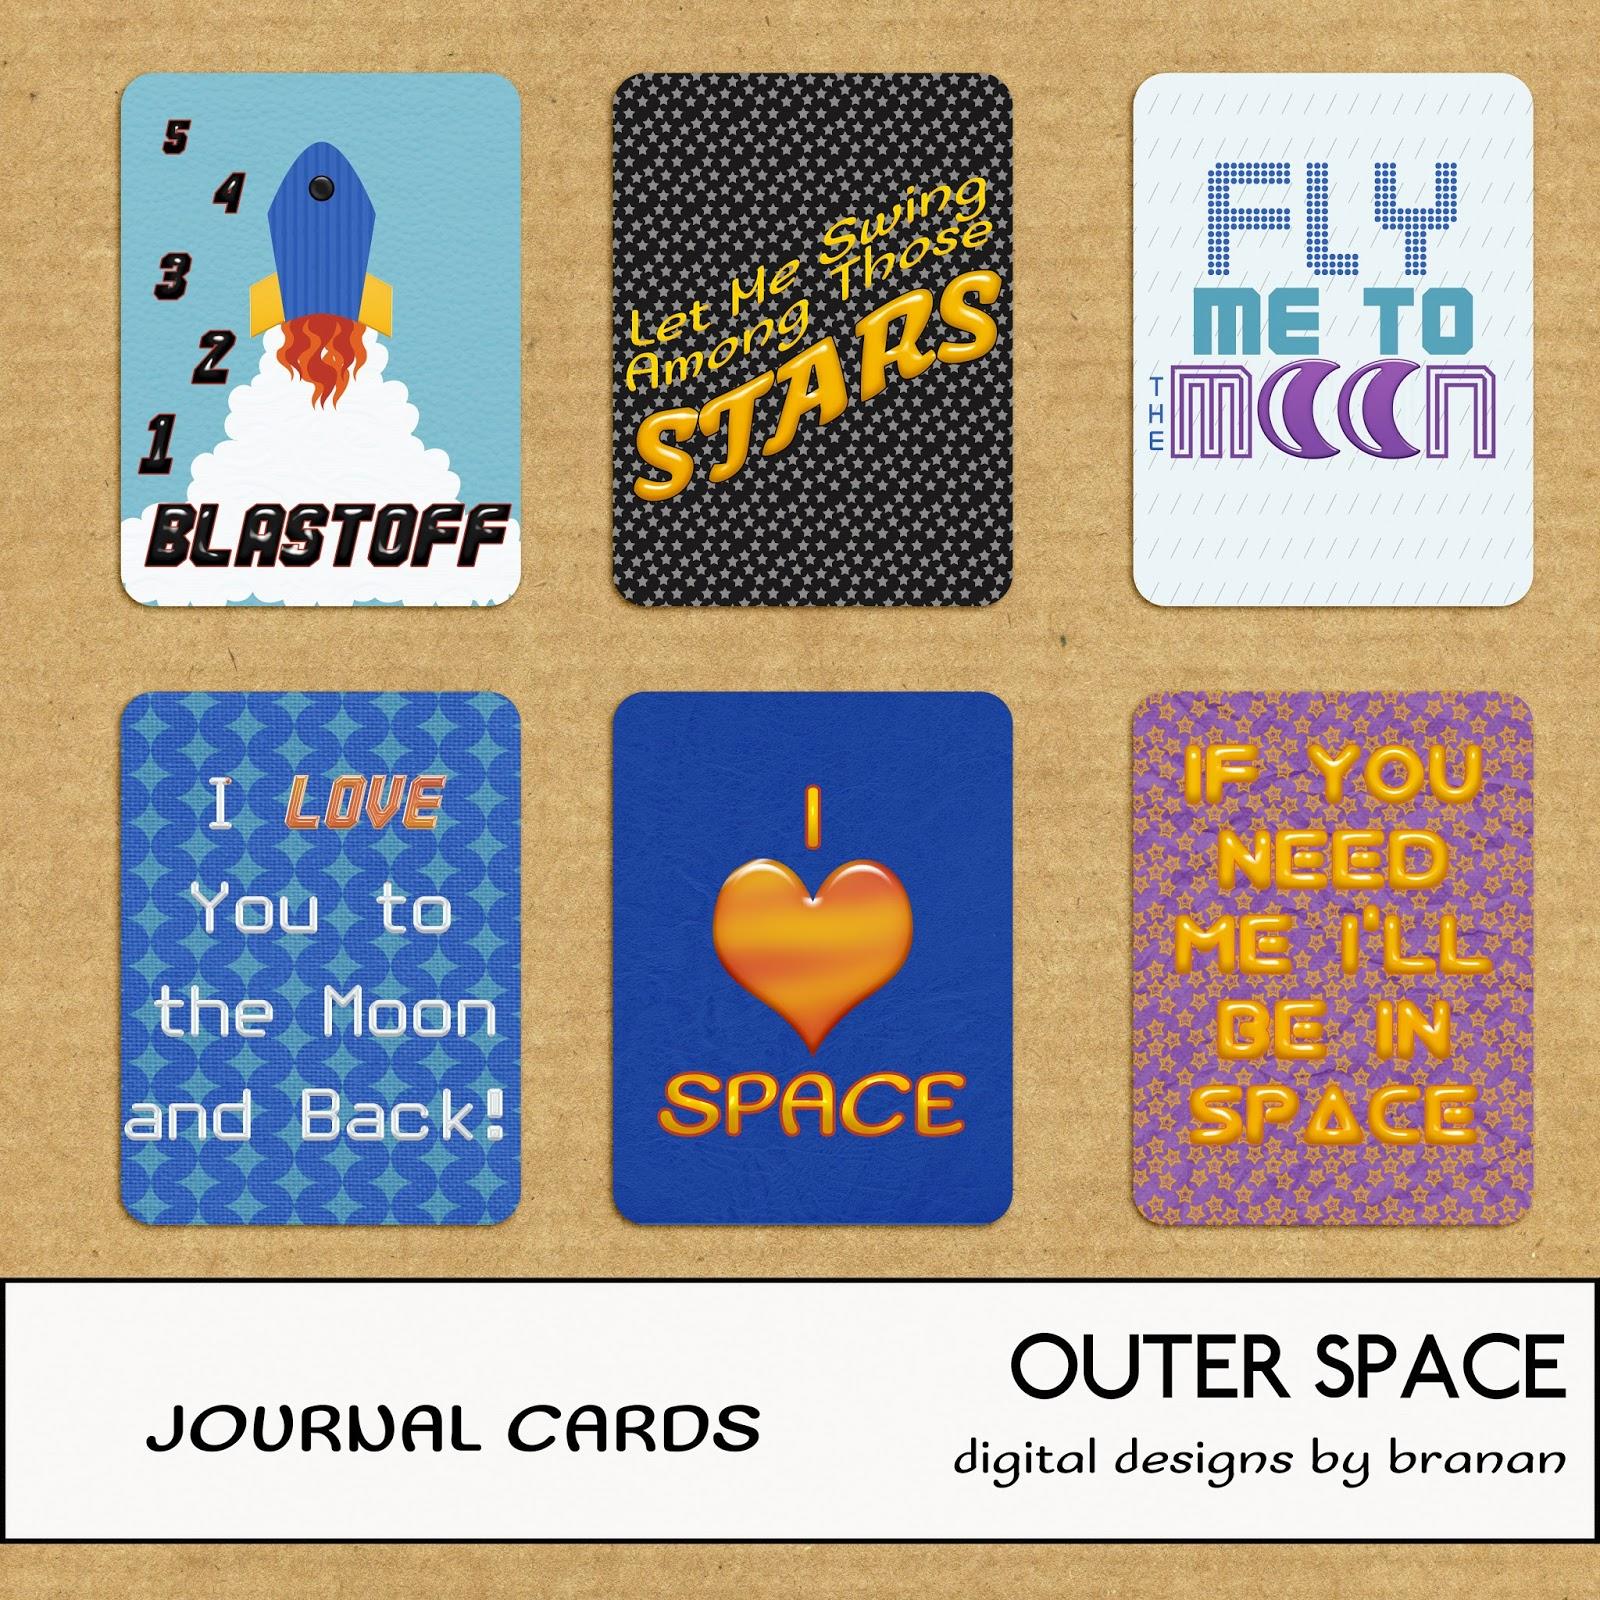 https://www.dropbox.com/s/rjcp3n11j33z0oa/branan5_outerspace_journalcards.zip